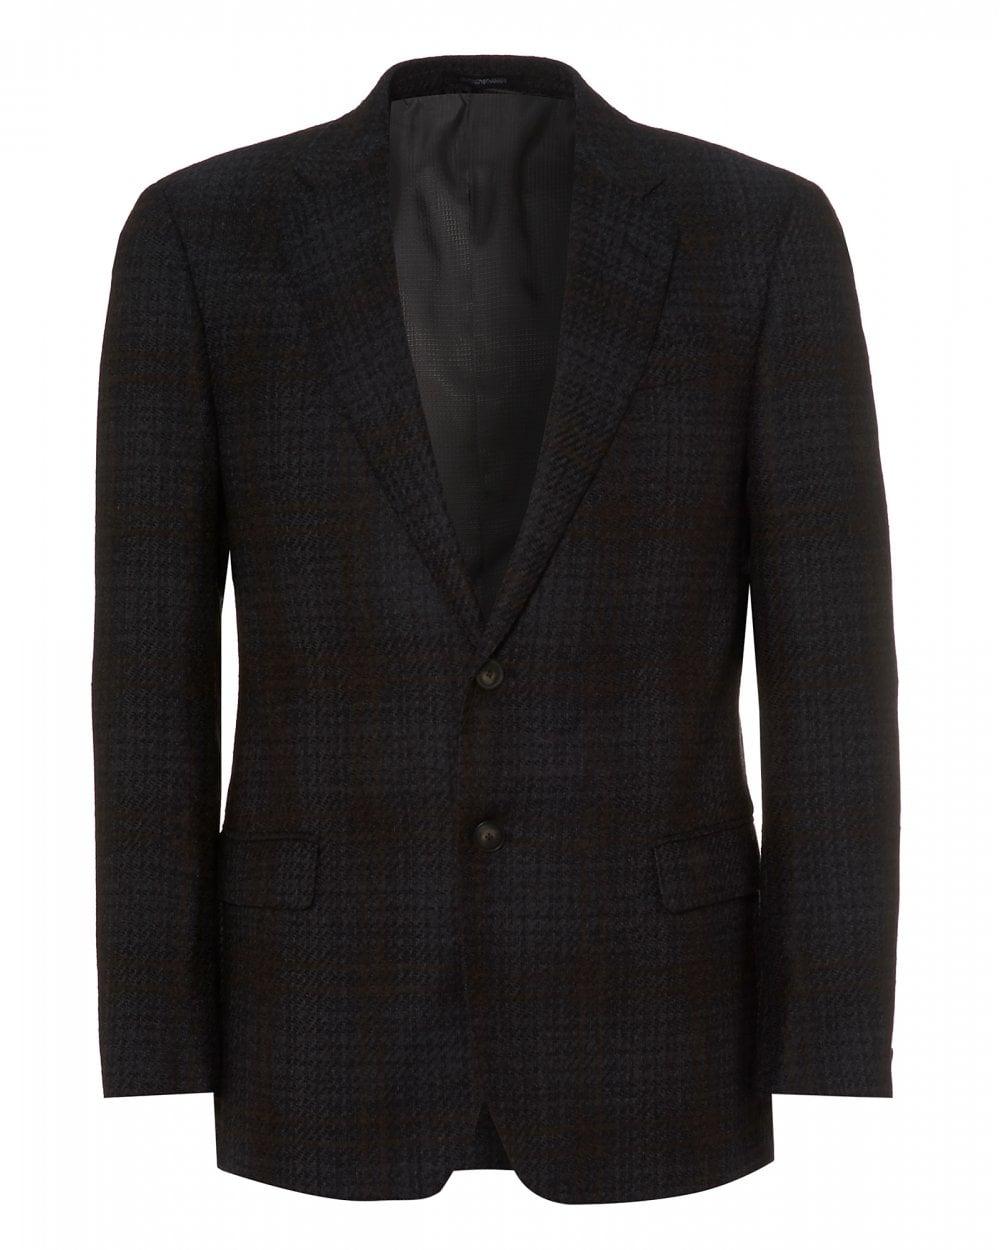 vendita a buon mercato usa stile moderno prezzo più basso con Emporio Armani Mens Modern Fit Blazer, Charcoal Black Jacket